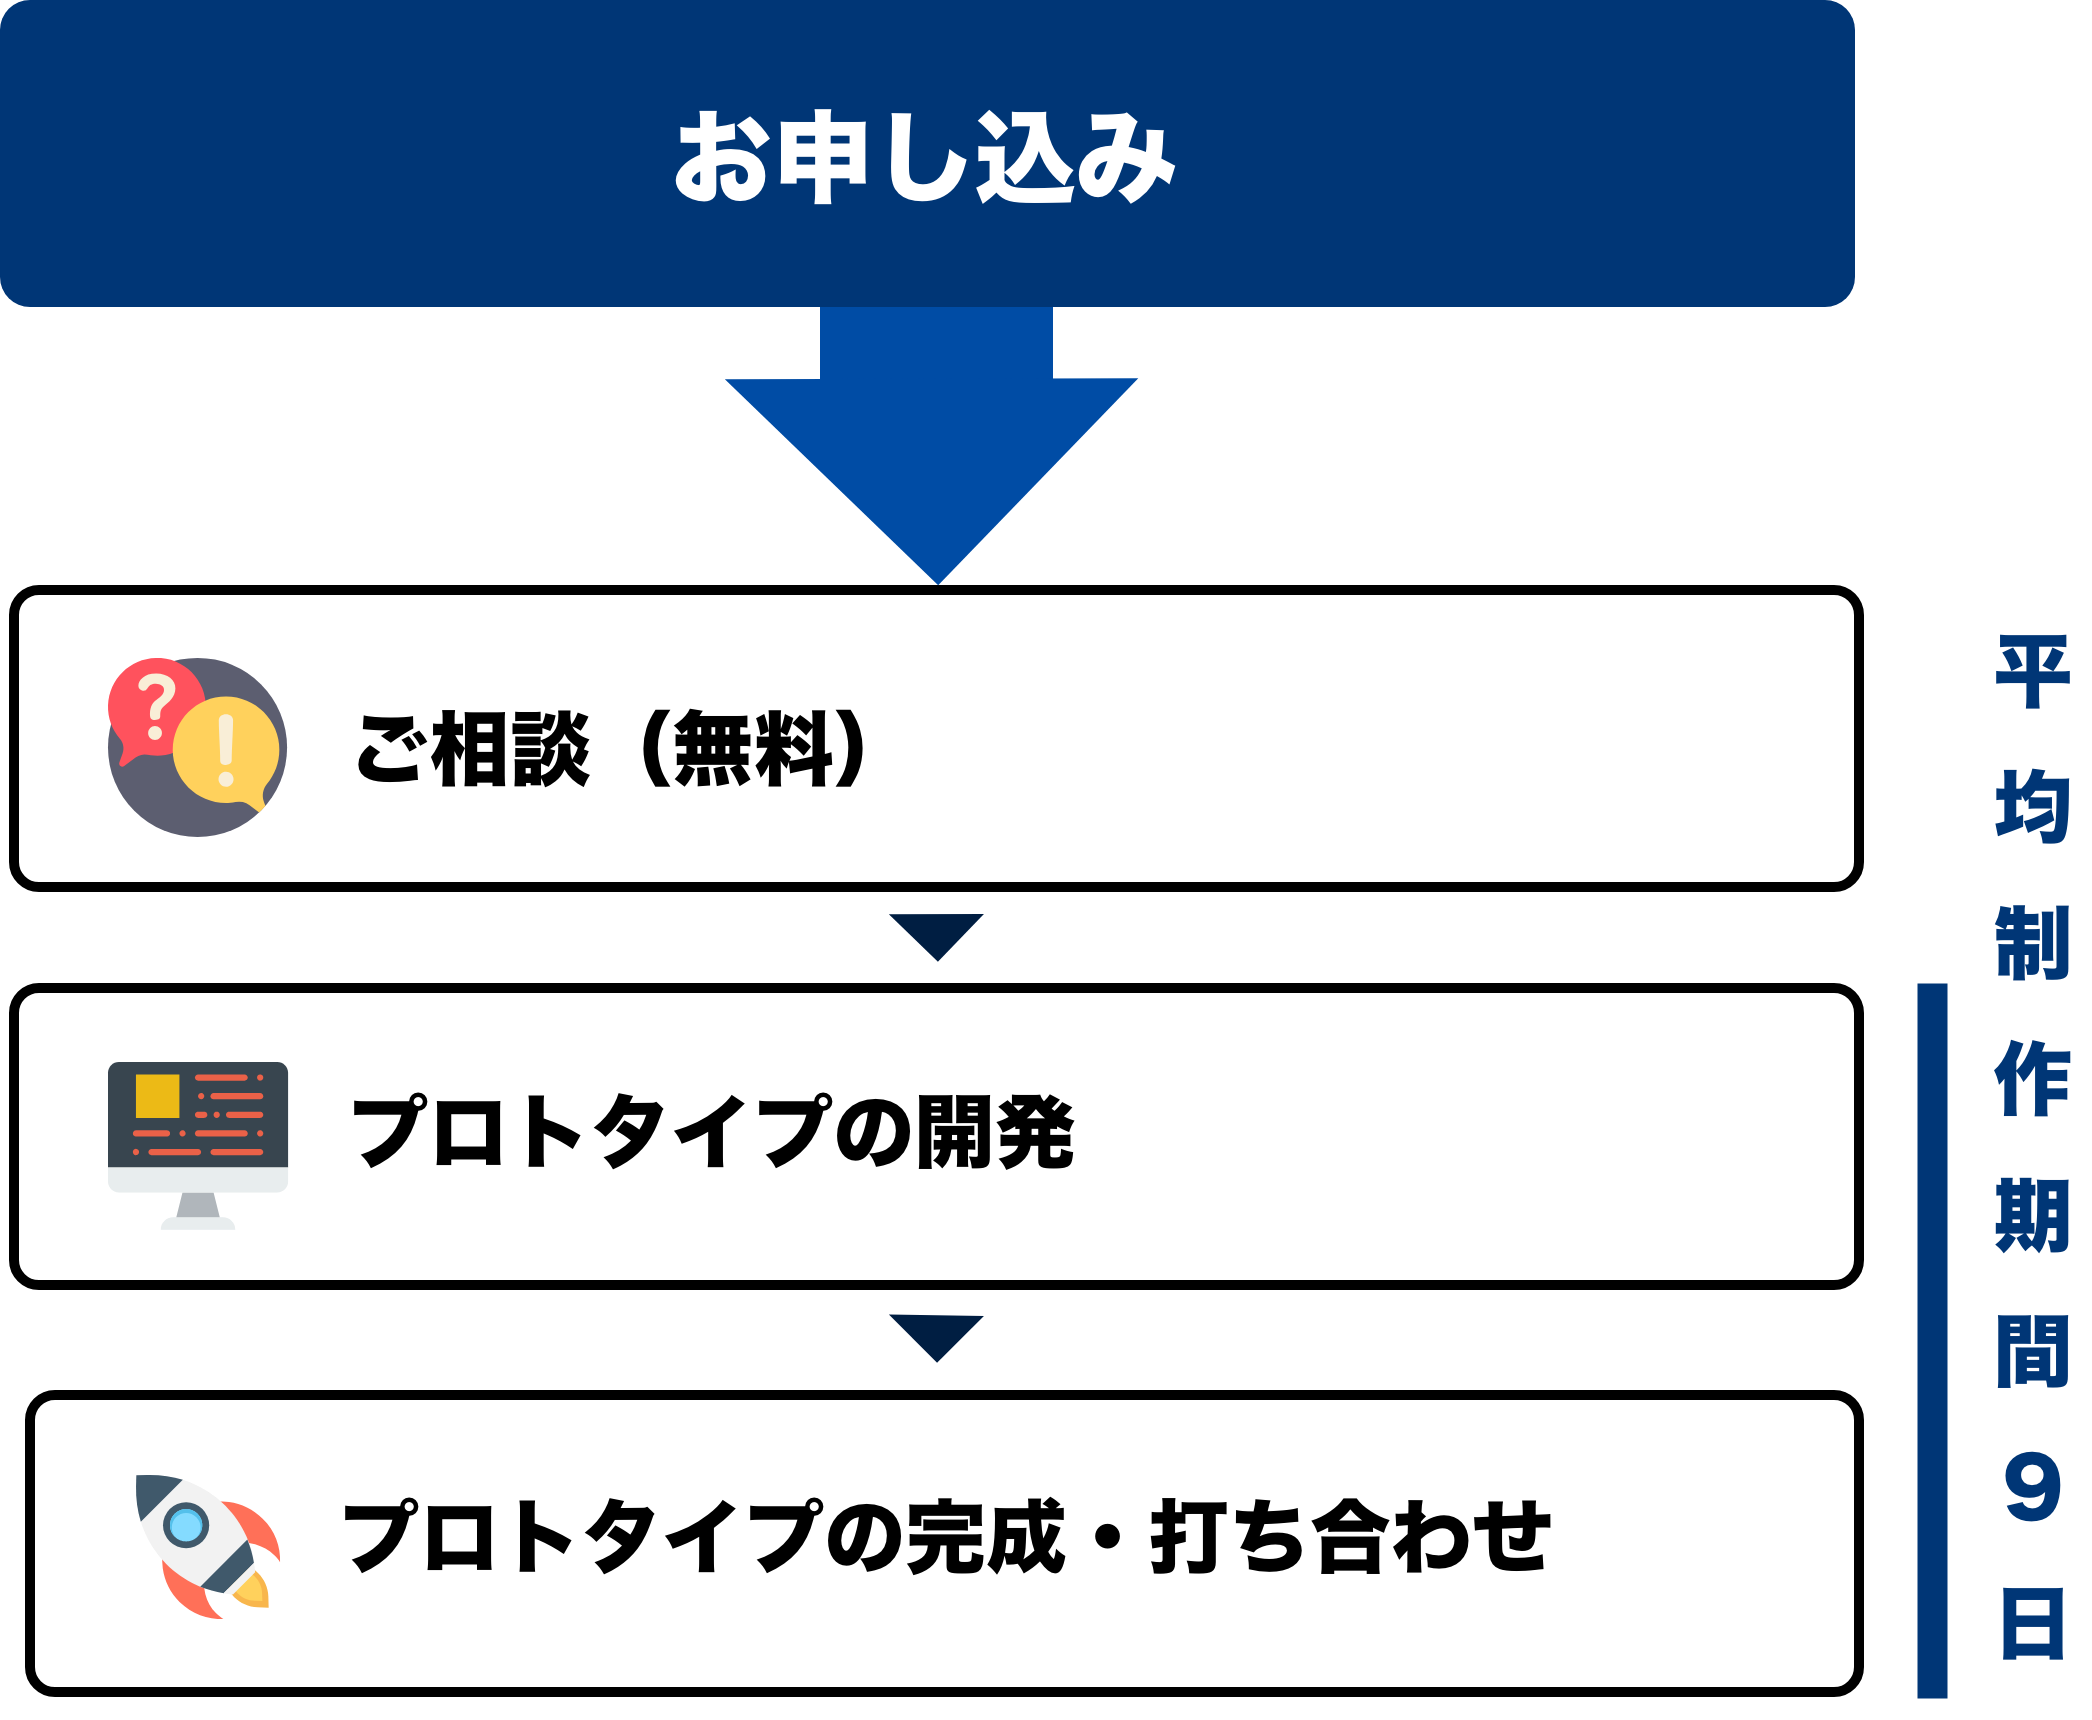 プロトタイプ開発の流れ